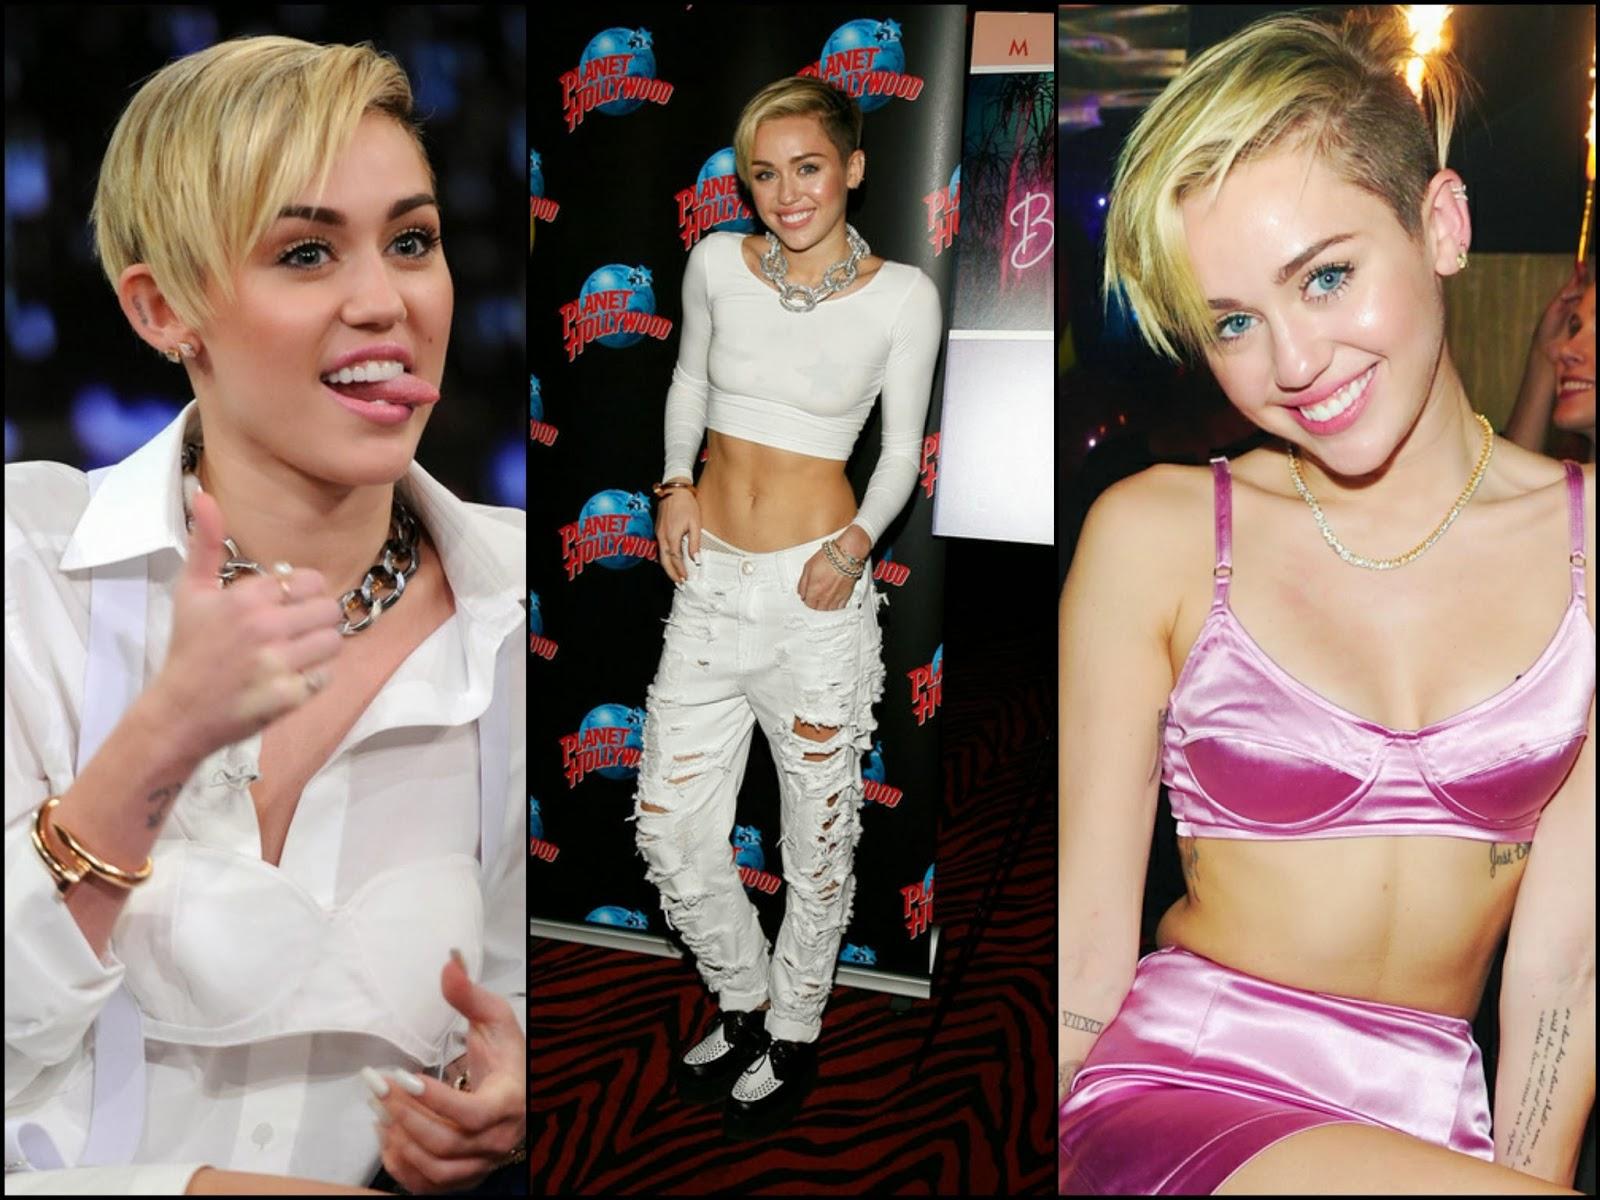 Miley Cyrus Bangerz Collage Miley cyrus faz jornada tripla: galleryhip.com/miley-cyrus-bangerz-collage.html